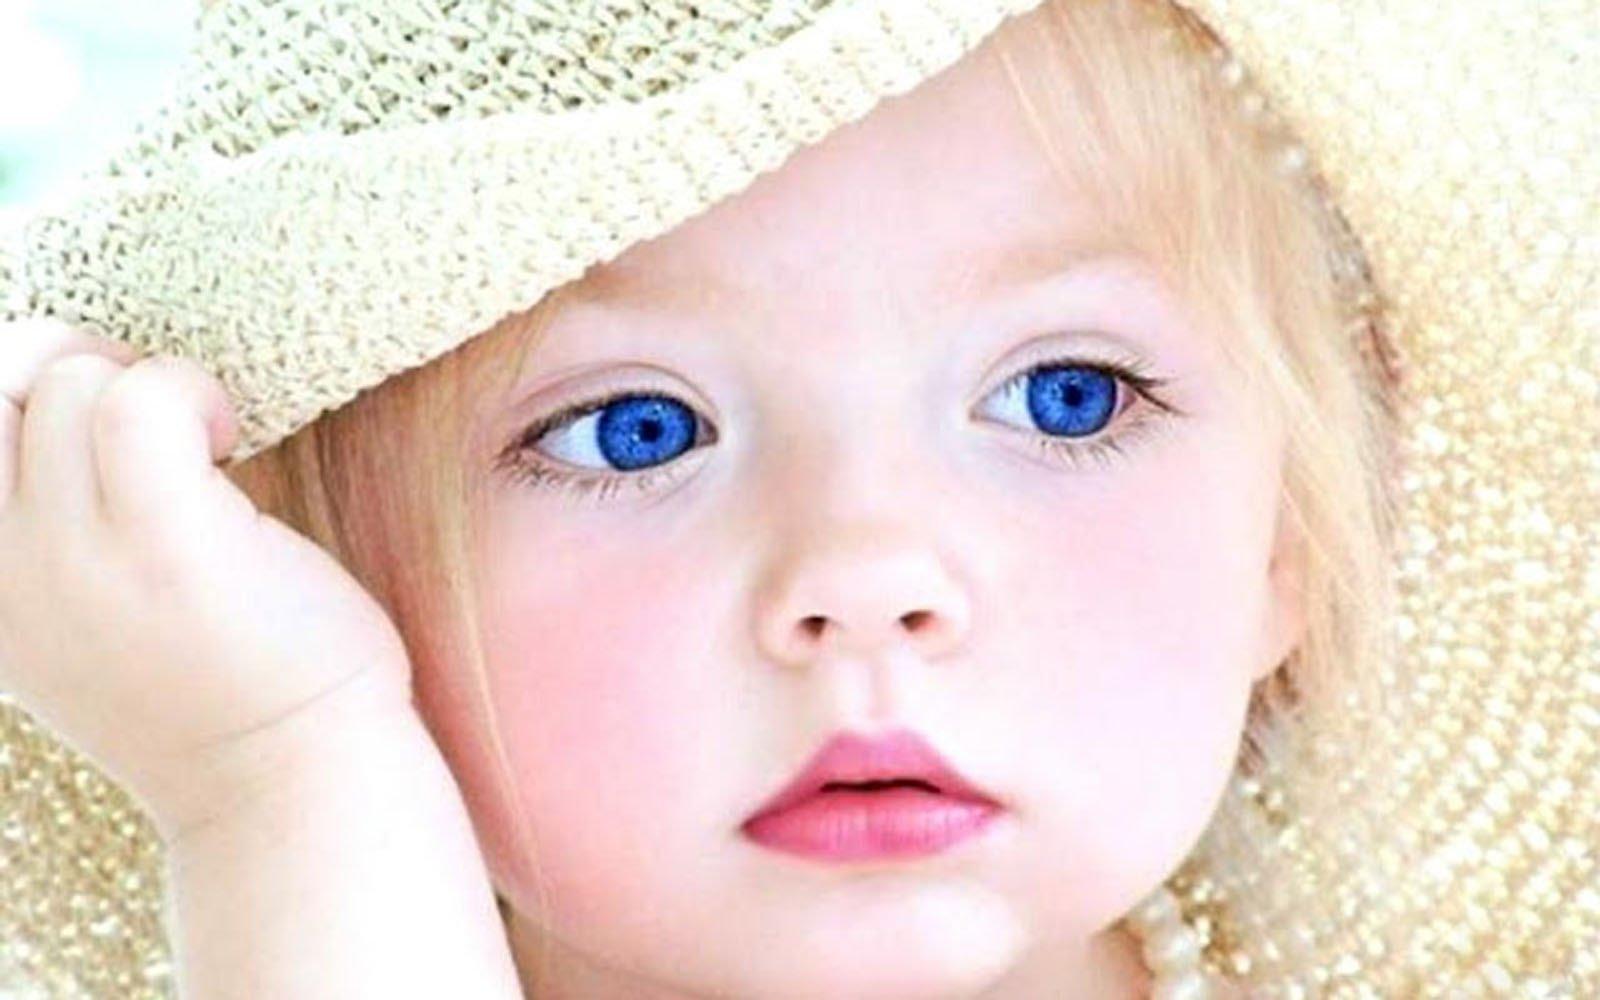 بالصور اجمل بنات اطفال , لمسات تلمس القلب من ابتسامه صغيره من طفله 1256 1